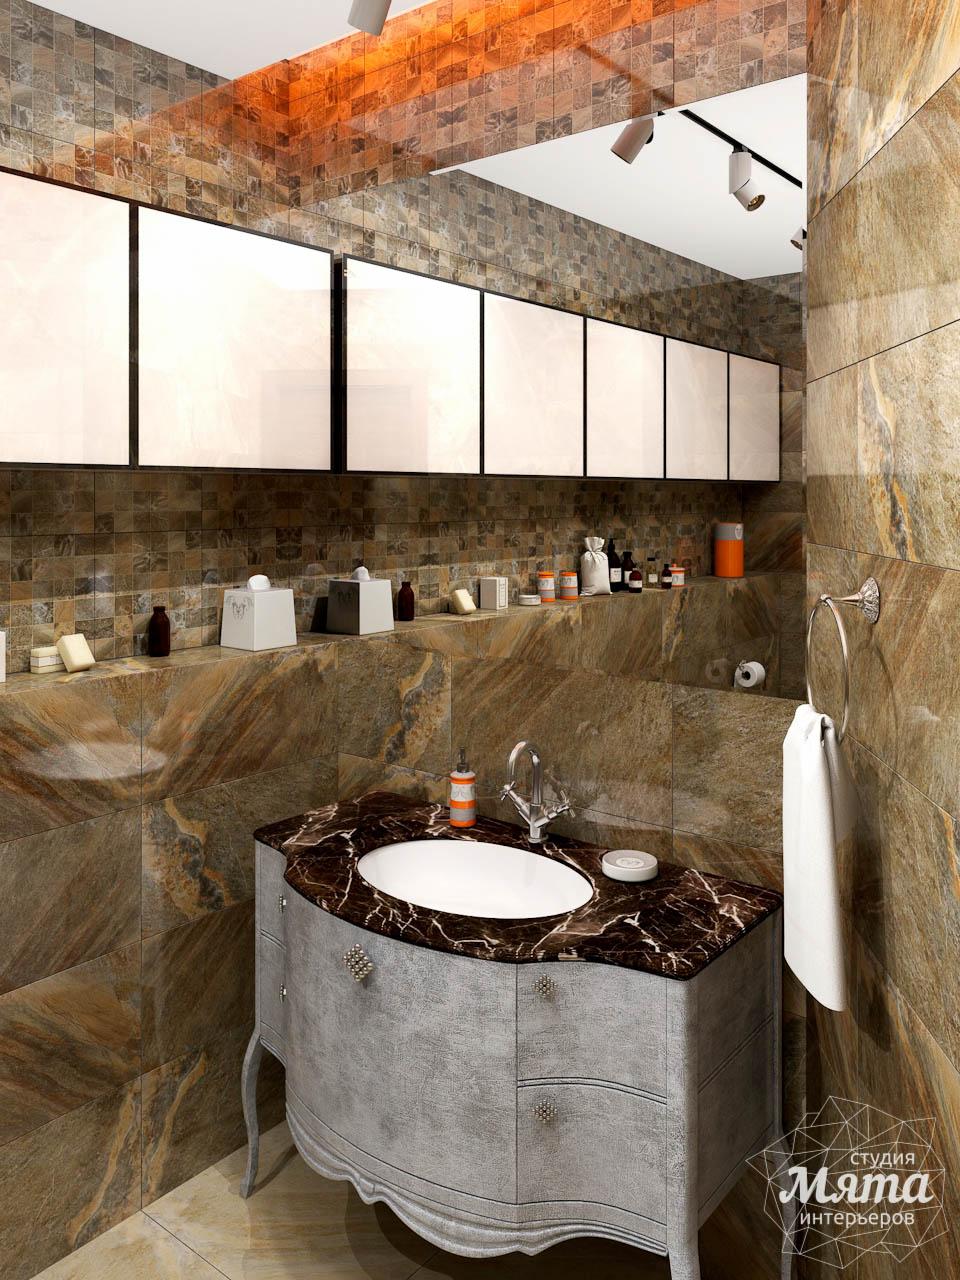 Дизайн интерьера коттеджа в п. Дубрава img101437005